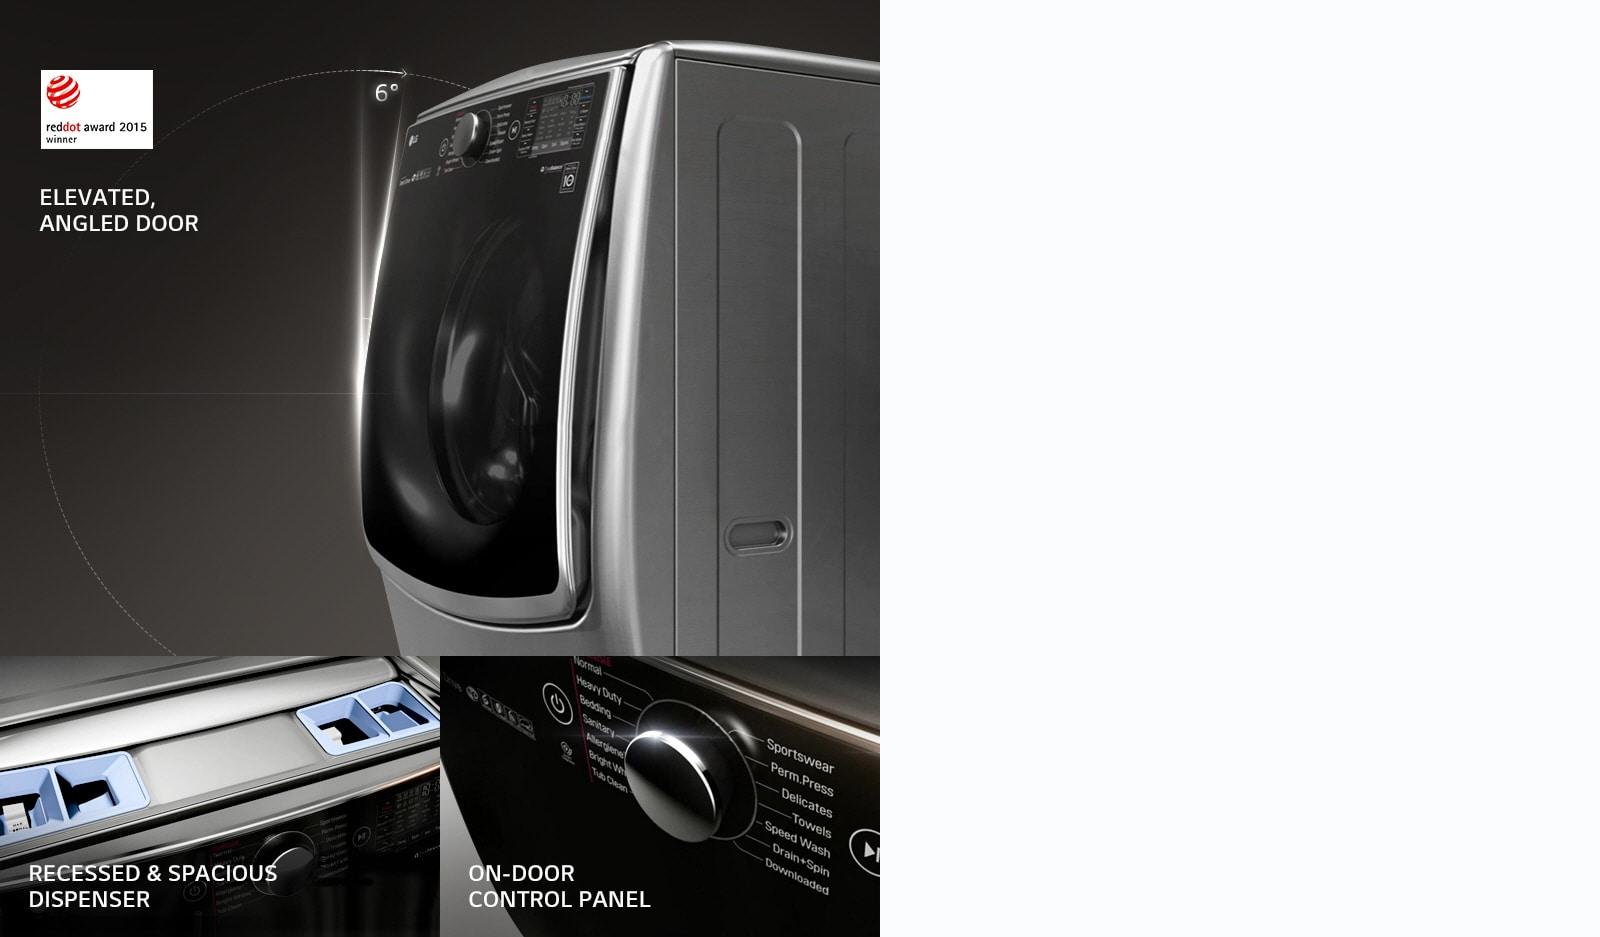 นวัตกรรมใหม่ของการดีไซน์เครื่องซักผ้าฝาหน้า